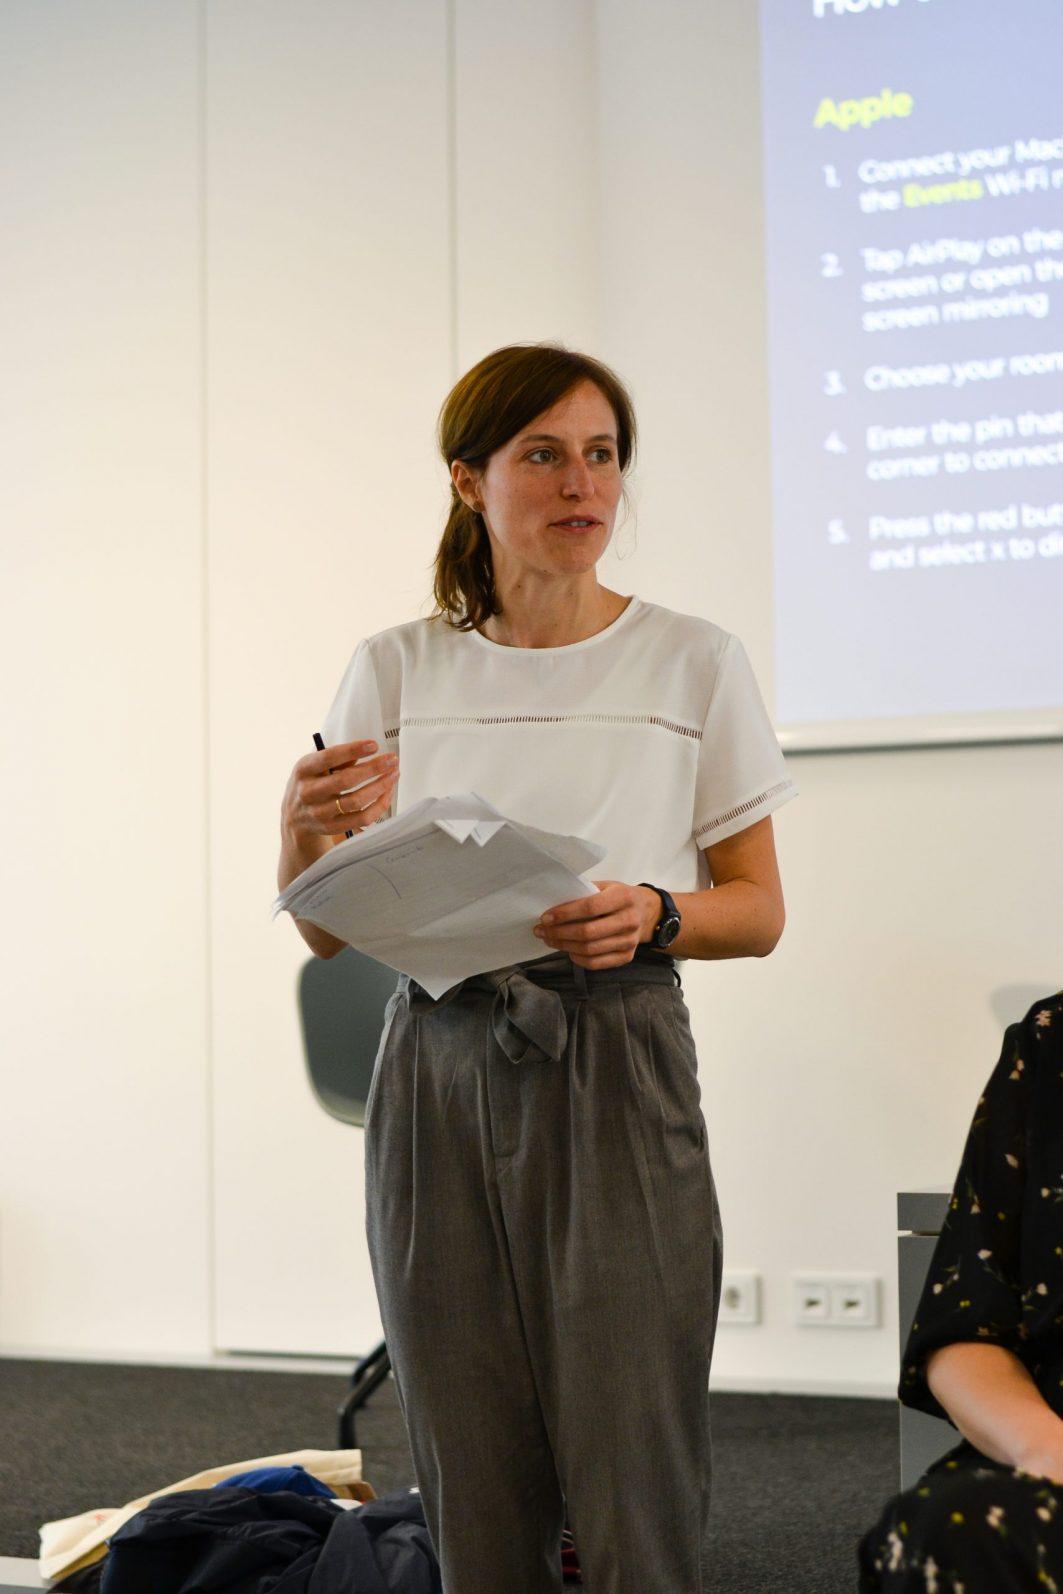 Die Programmleiterin von Work4Germany Maria Blöcher steht mit einem Zettel in der Hand vor einer an die Wand projizierten Präsentation.